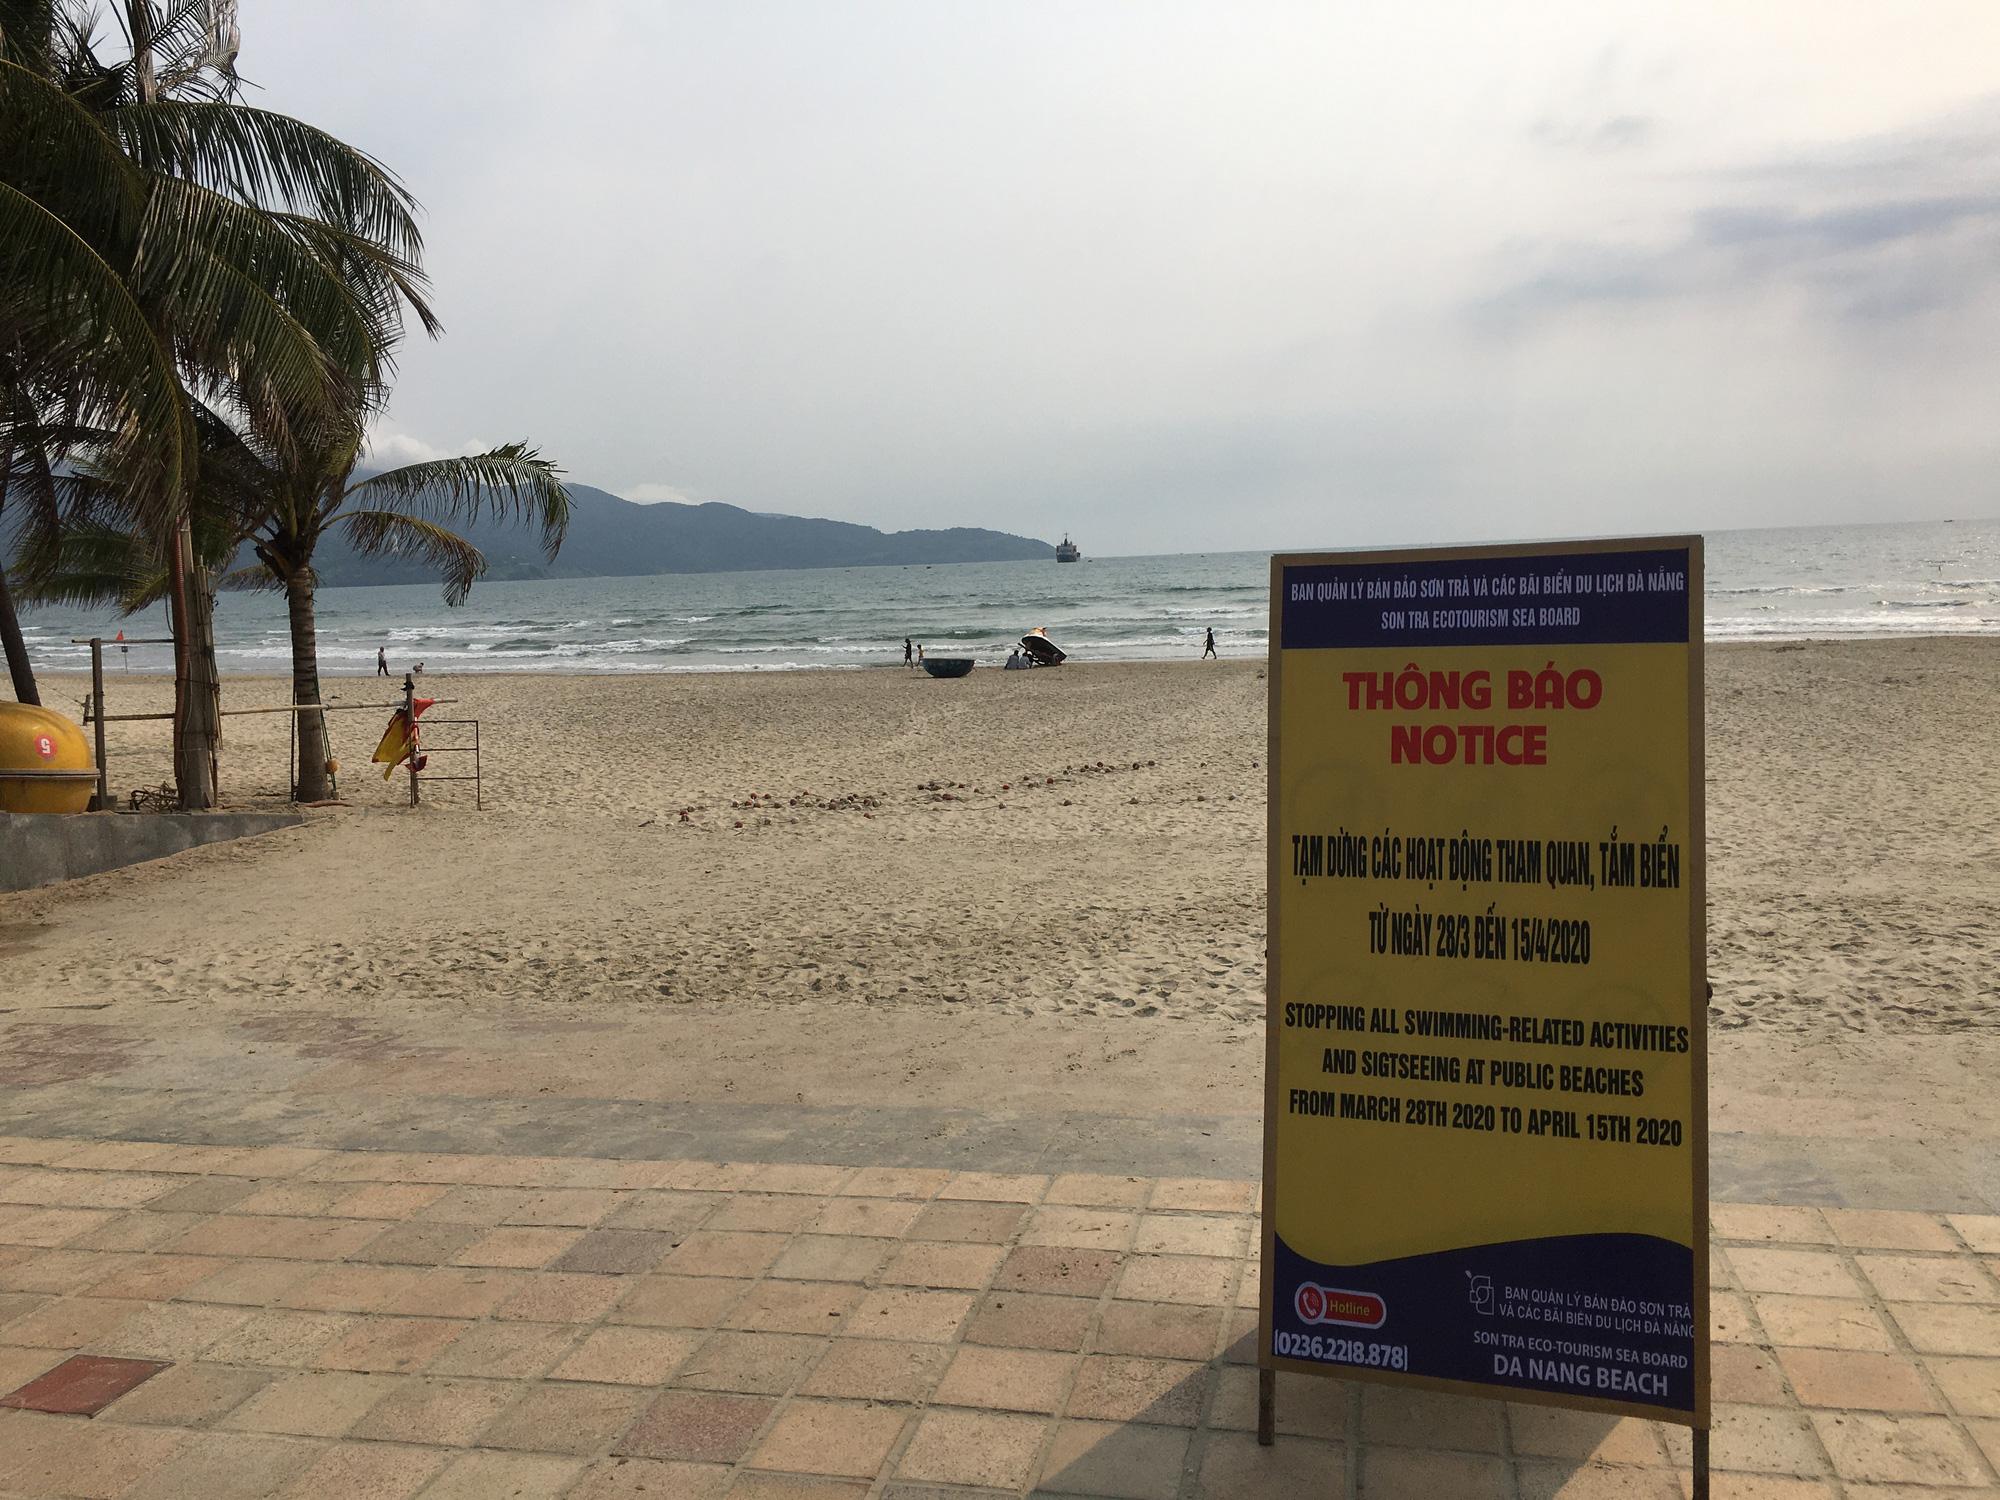 Khách sạn, công trình xây dựng ven biển, các hãng thời trang lớn ở Đà Nẵng đóng cửa hàng loạt trước ngày 'cách li toàn xã hội' - Ảnh 13.